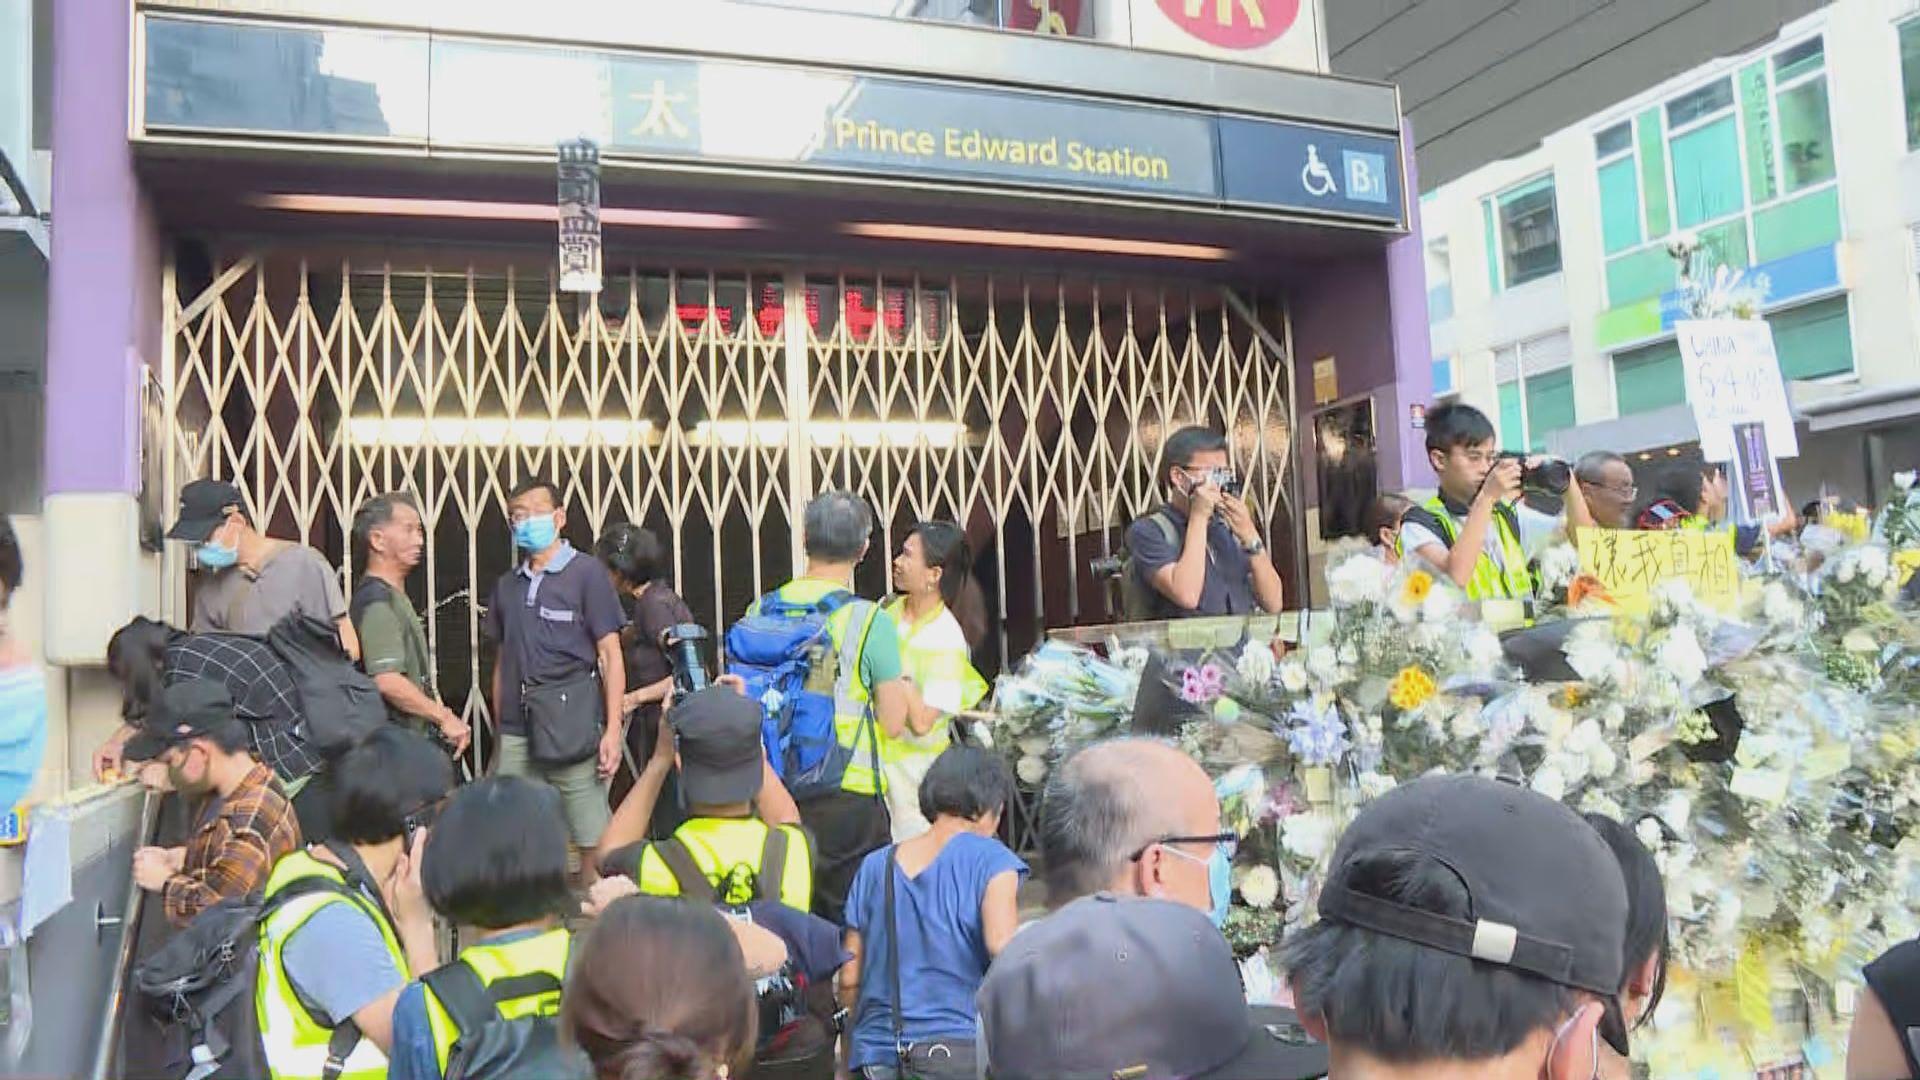 大批人聚集在近旺角警署出入口